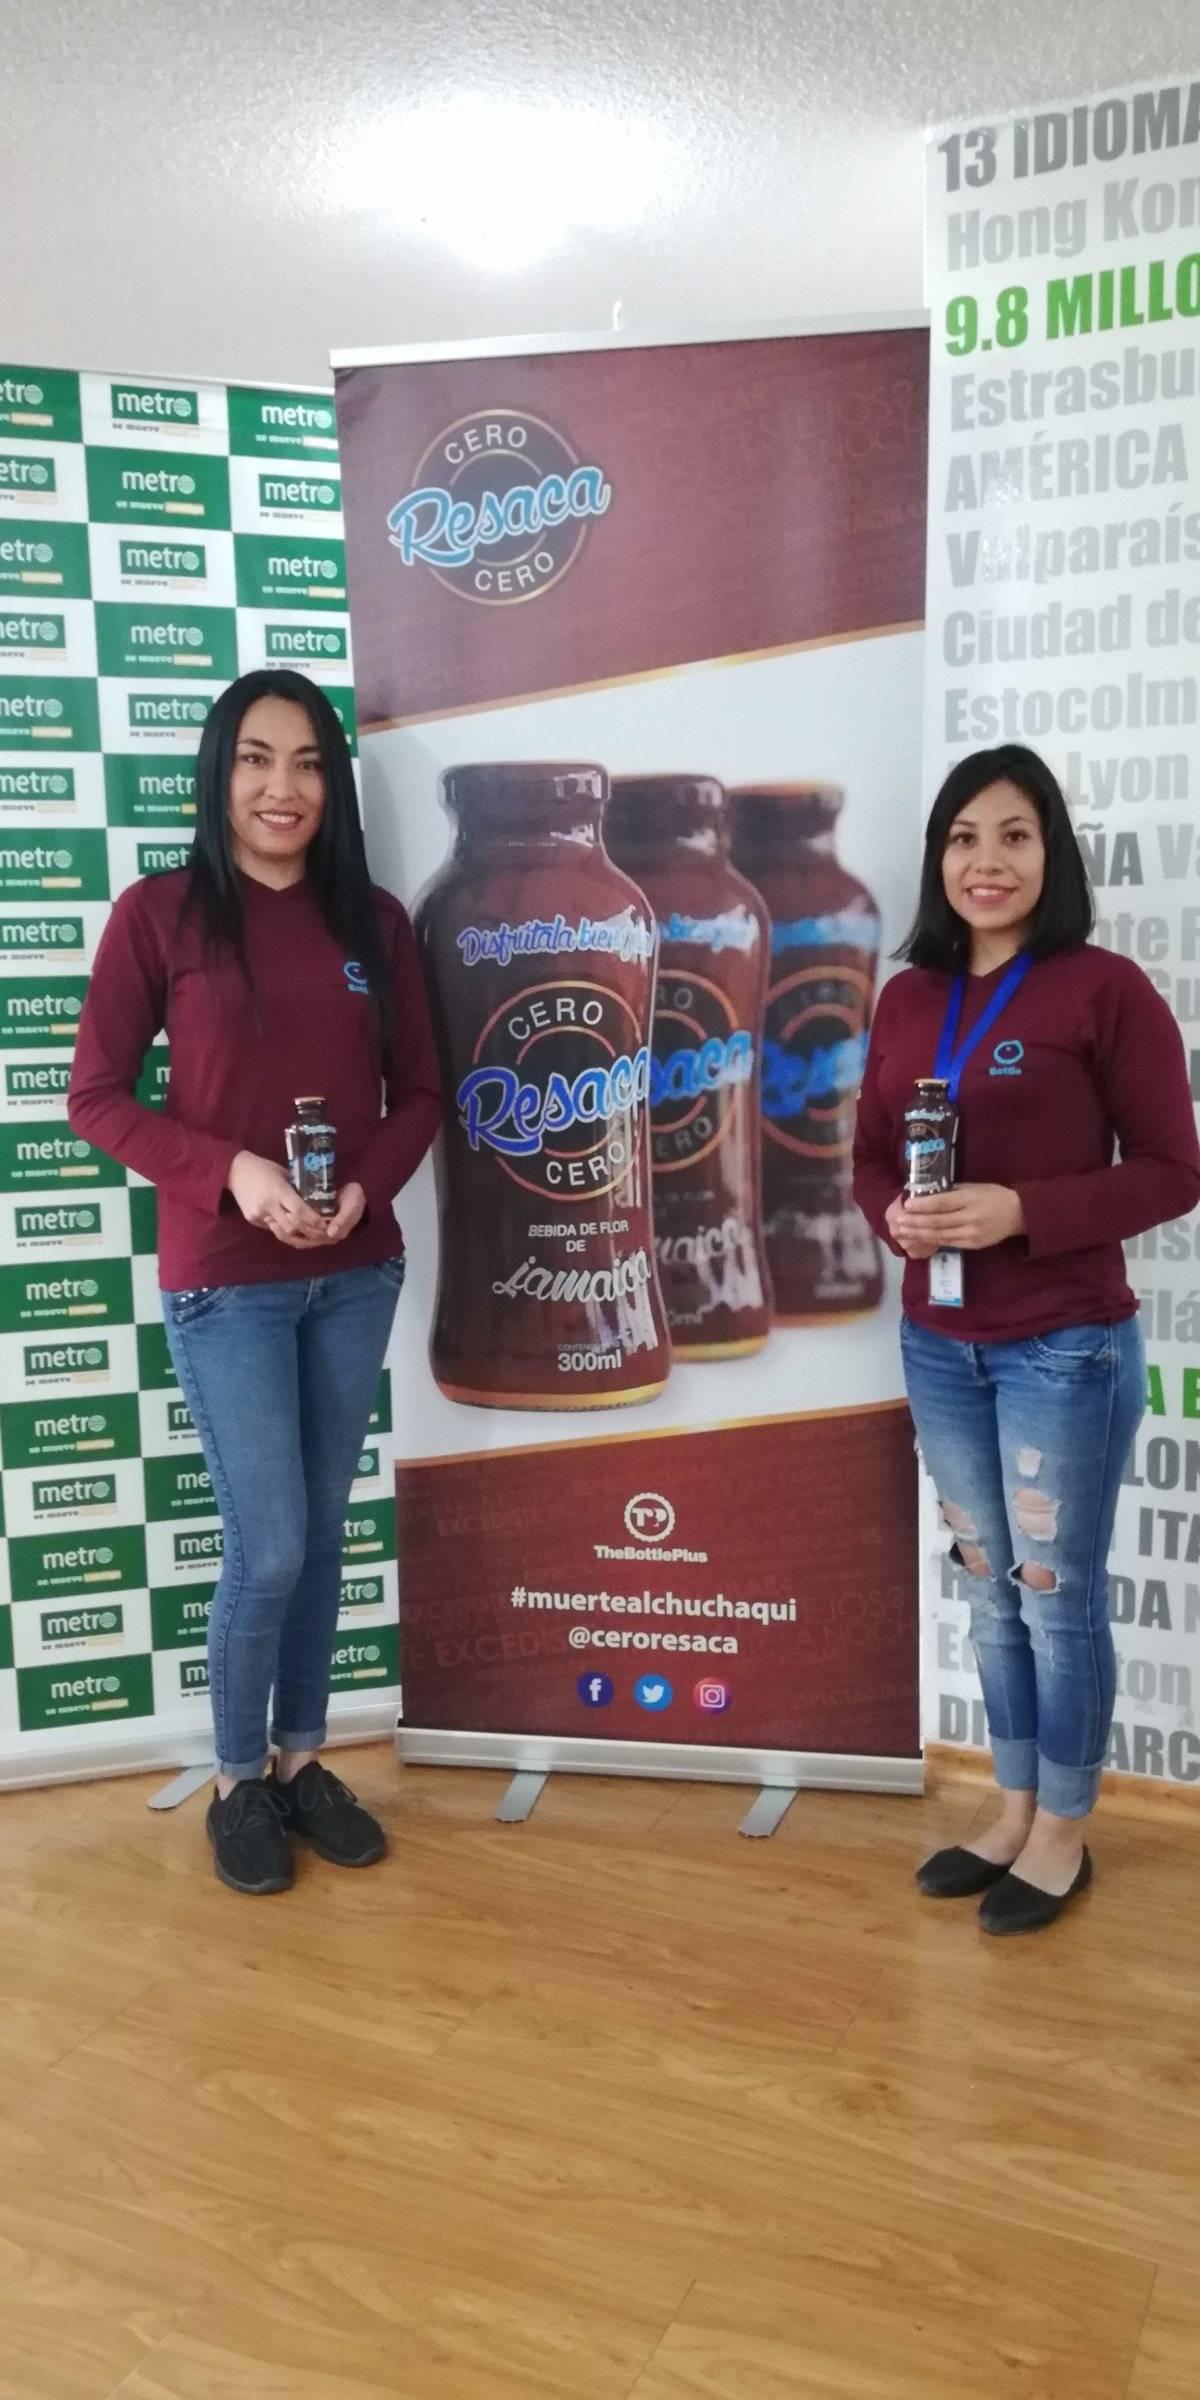 De Izq. a Der.: María José Arteaga; departamento de Compras, Y Alejandra Subía, departamento de Comercial.